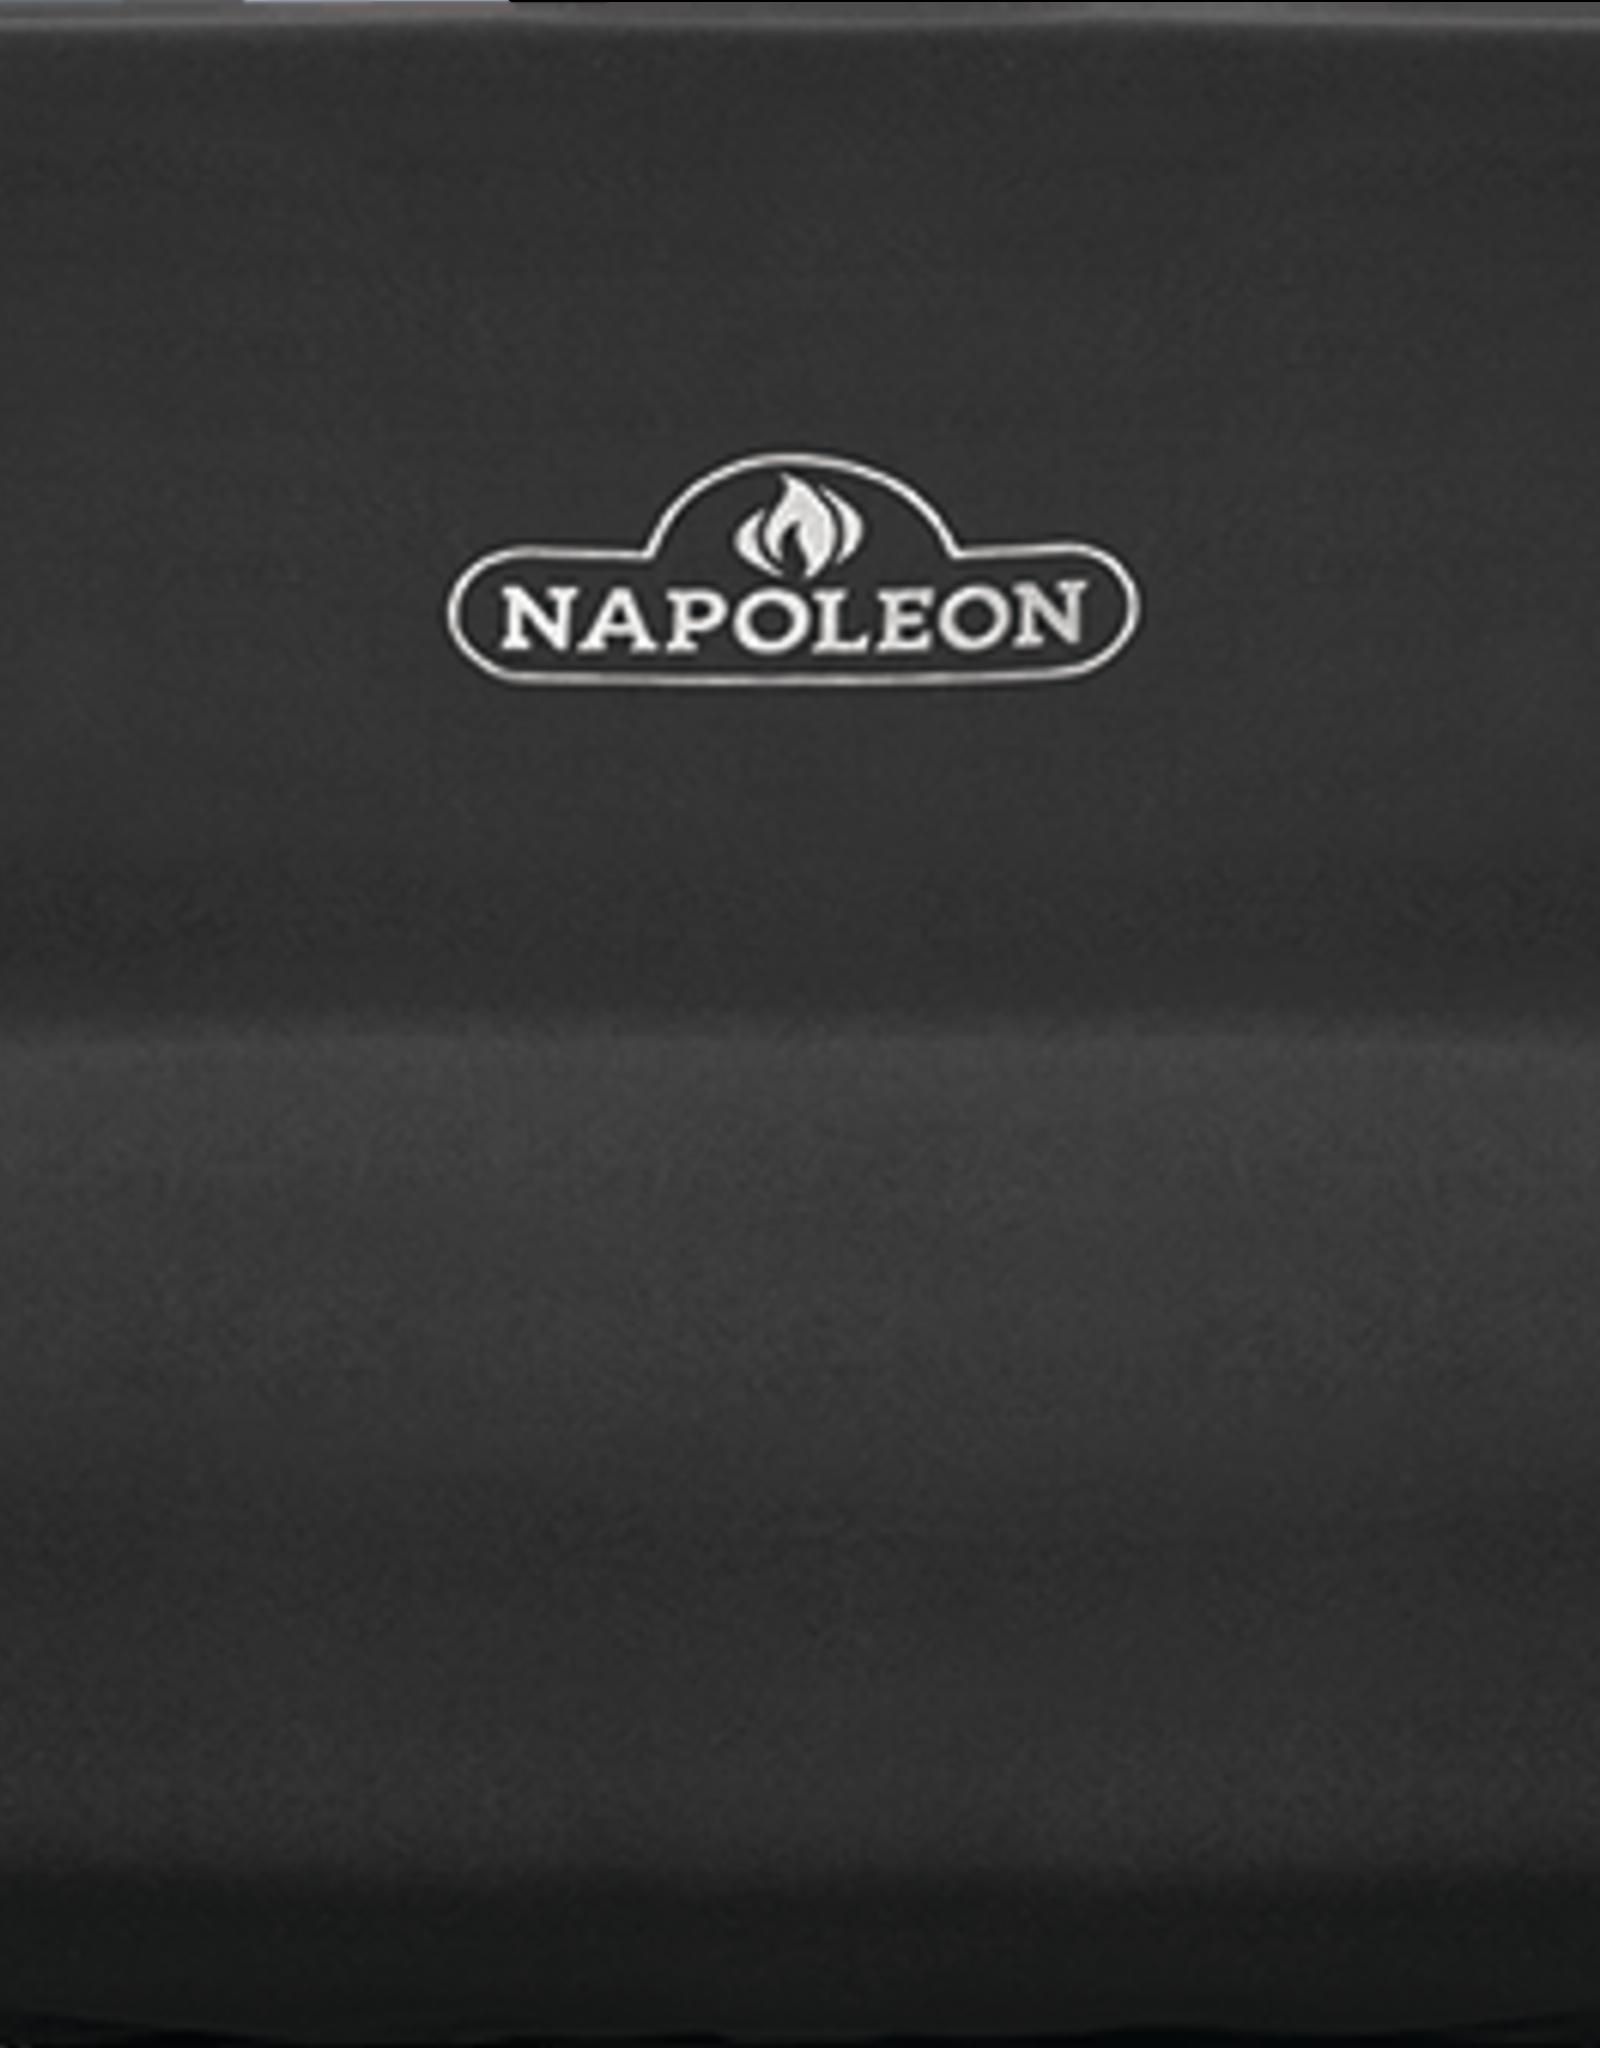 Napoleon Napoleon PRO 825 Built-in Grill Cover - 61826